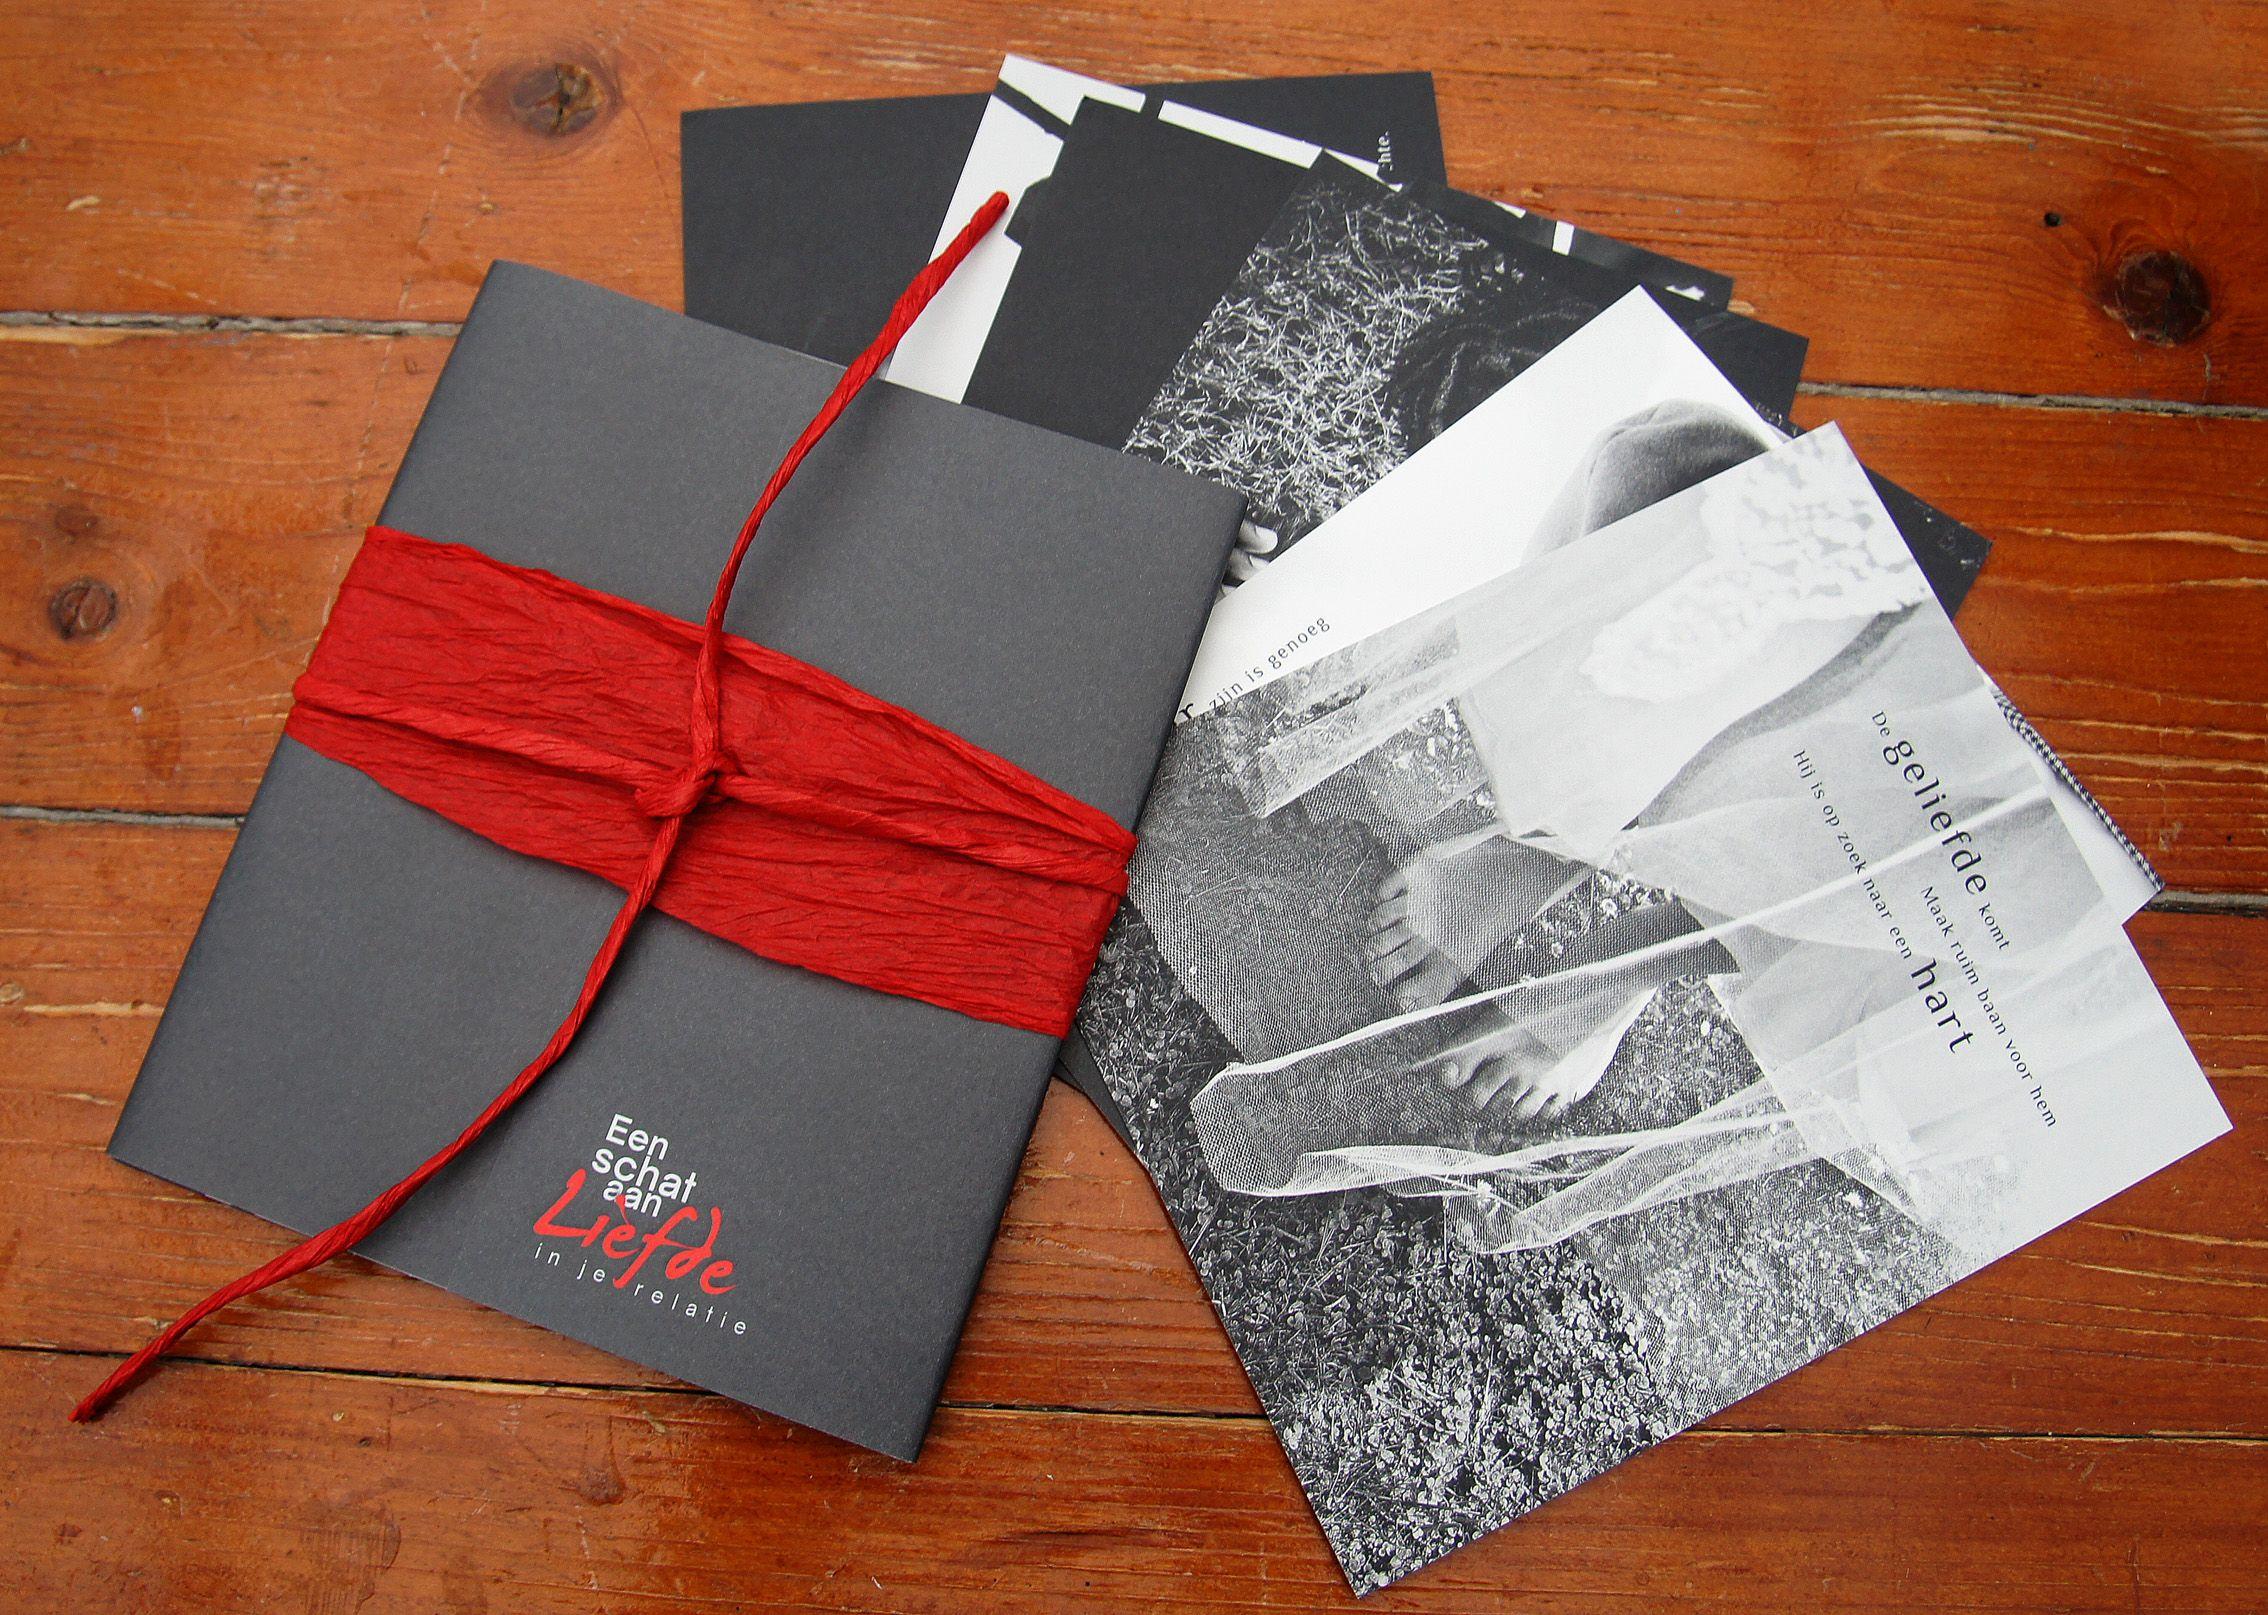 """Ontwerp kaartenset bij boek """"Een Schat aan liefde"""" van Marthe van der Noordaa. Met prachtige foto's van Erna Kuik. Uitgegeven door het ITIP, school voor leven en werk."""